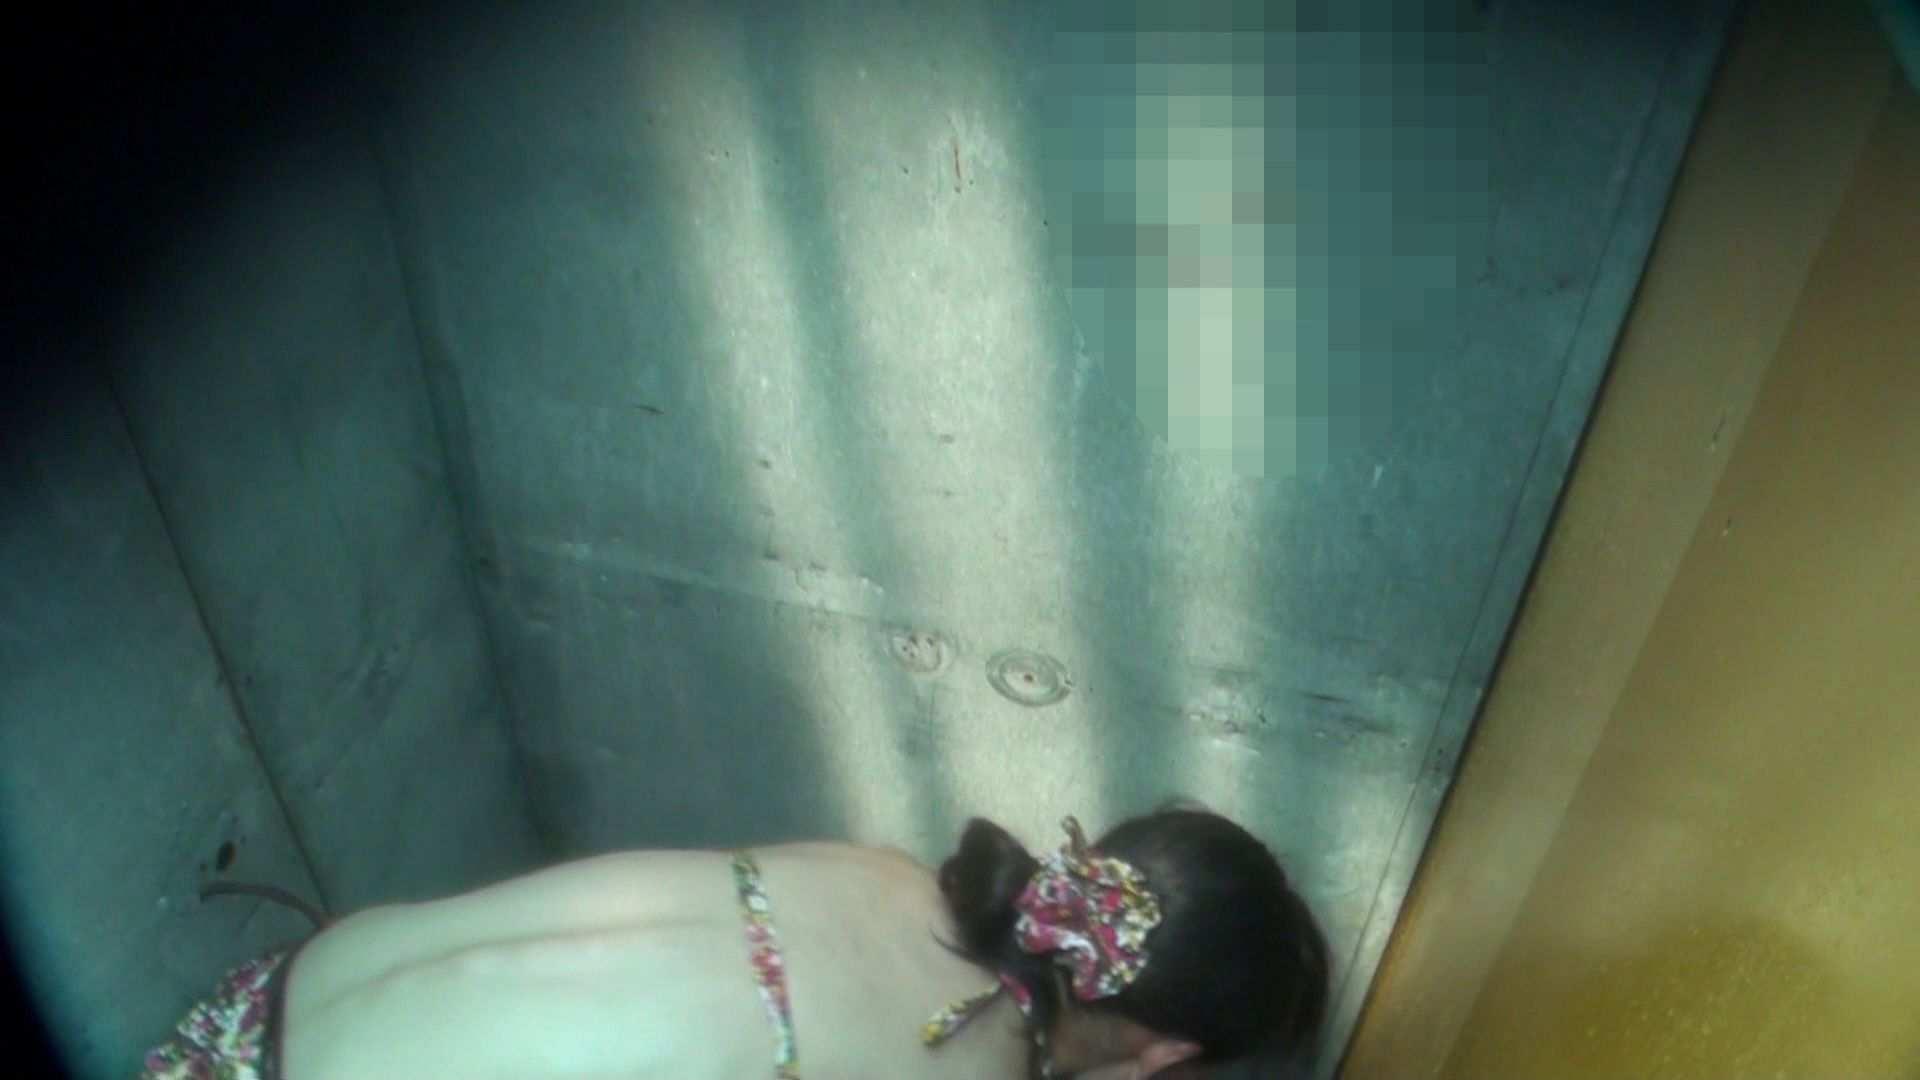 シャワールームは超!!危険な香りVol.16 意外に乳首は年増のそれ 乳首ポロリ | OLセックス  108画像 13